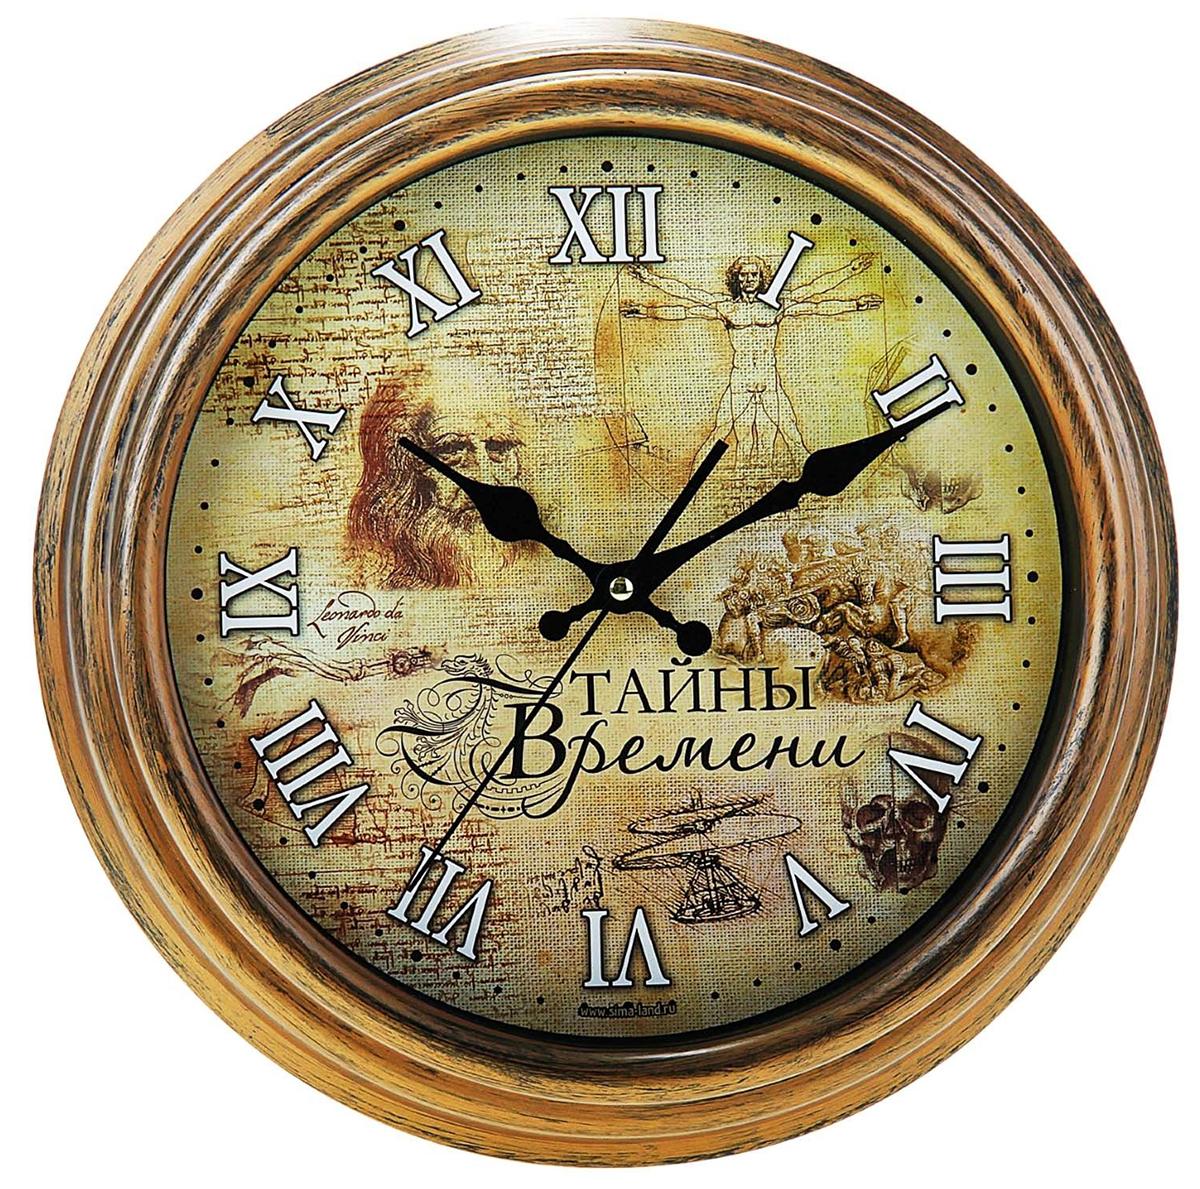 Часы настенные Тайны времени, 28 см150172Часы, кроме того что отслеживают время, являются наиболее популярным решением в создании домашнего уюта и задают определенный тон помещению. Часы интерьерные настенные Тайны времени сделают интерьер более насыщенным и выразительным. Подчеркнуть всю элегантность гостиной комнаты или же привнести немного нежности в спальню, – все это можно осуществить, просто повесив их на стену. Часы имеют диаметр 32 см и работают от батареек типа АА (в комплект не входят).Часы интерьерные настенные Тайны времени, 28 см 150172